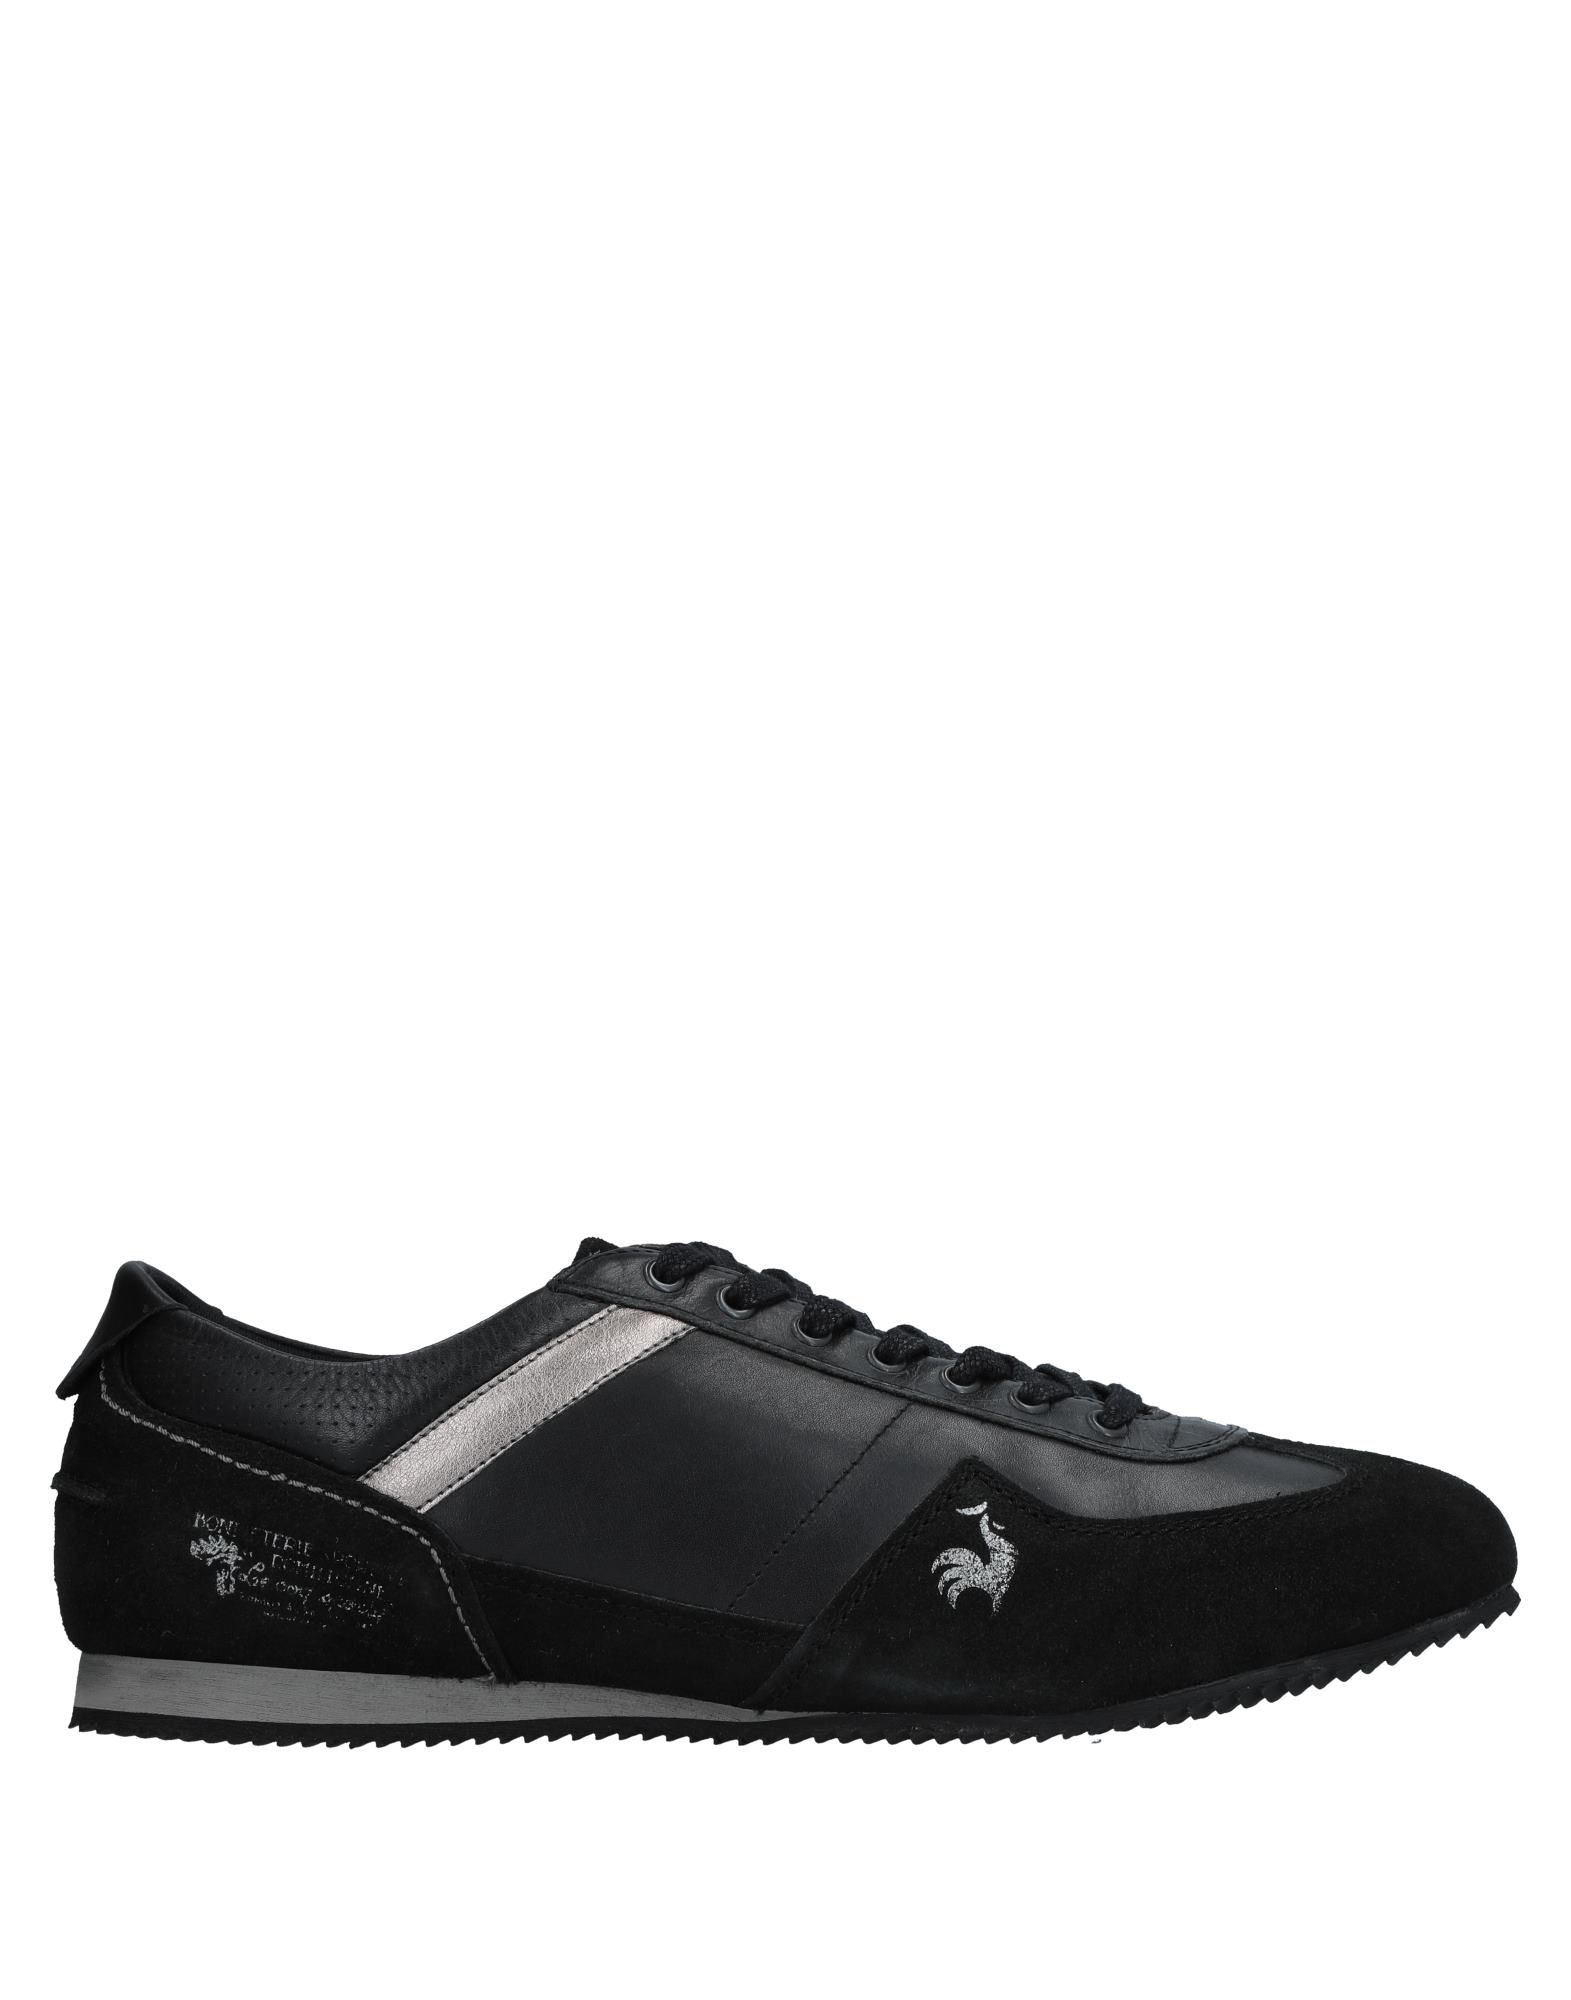 Sneakers Le Coq Sportif Homme - Sneakers Le Coq Sportif  Noir Spécial temps limité